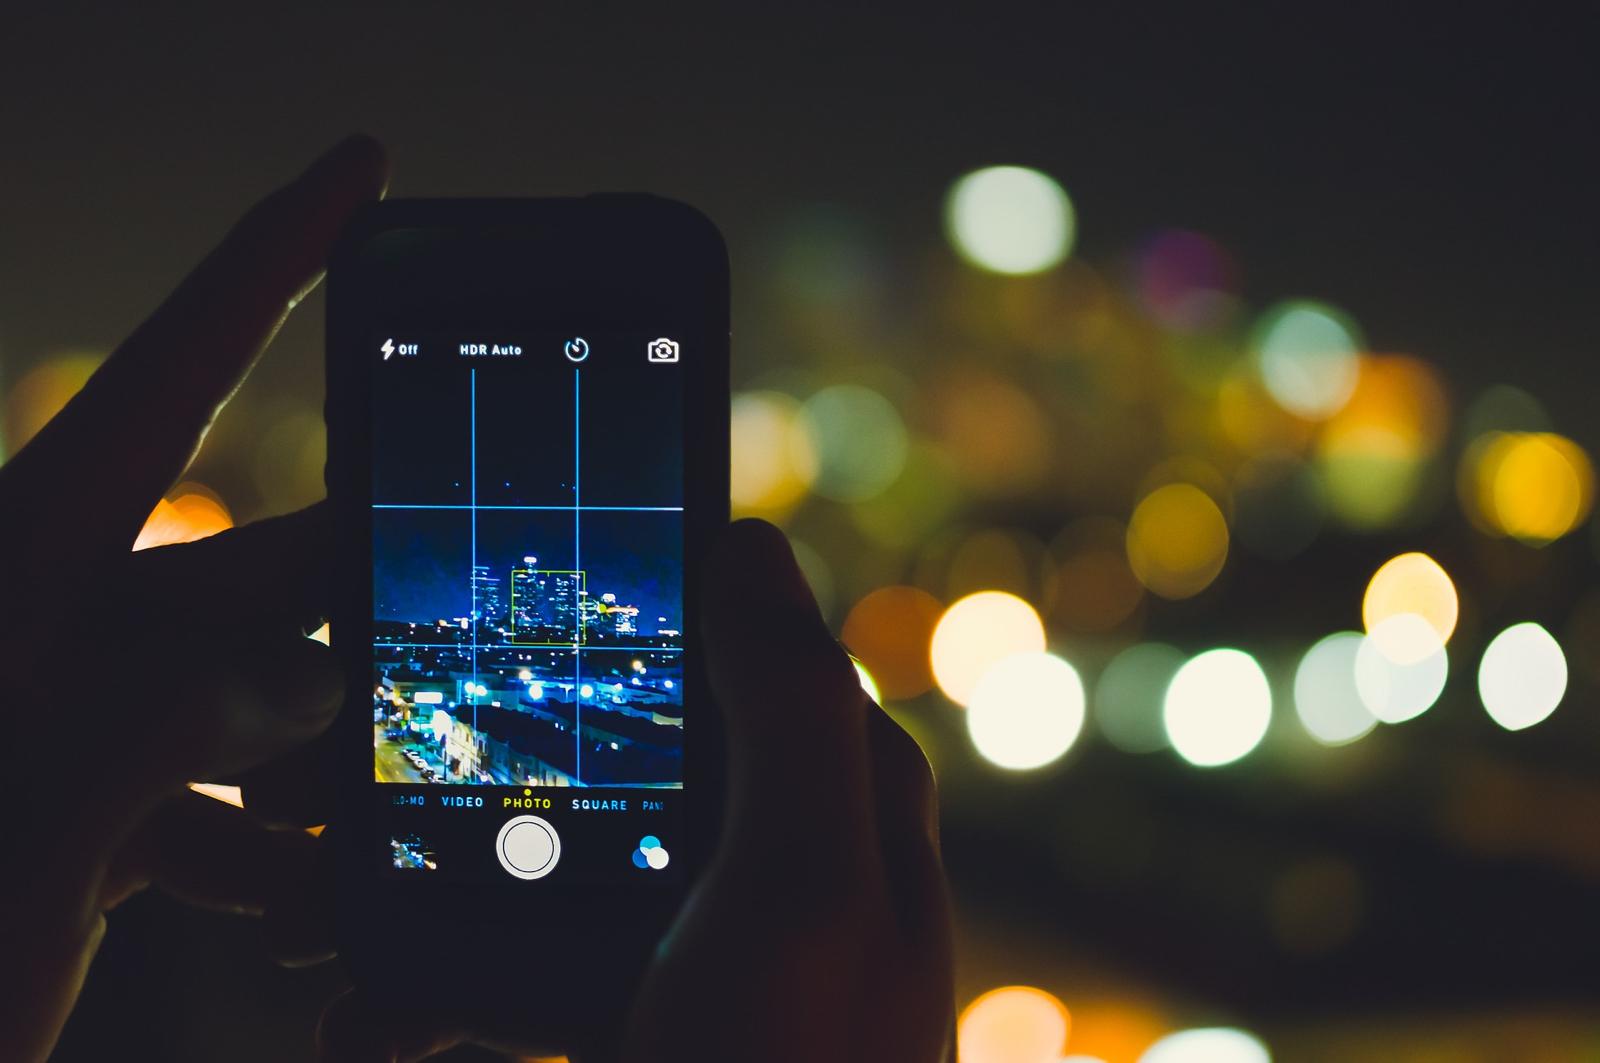 een iPhone camera die foto maakt bij nacht